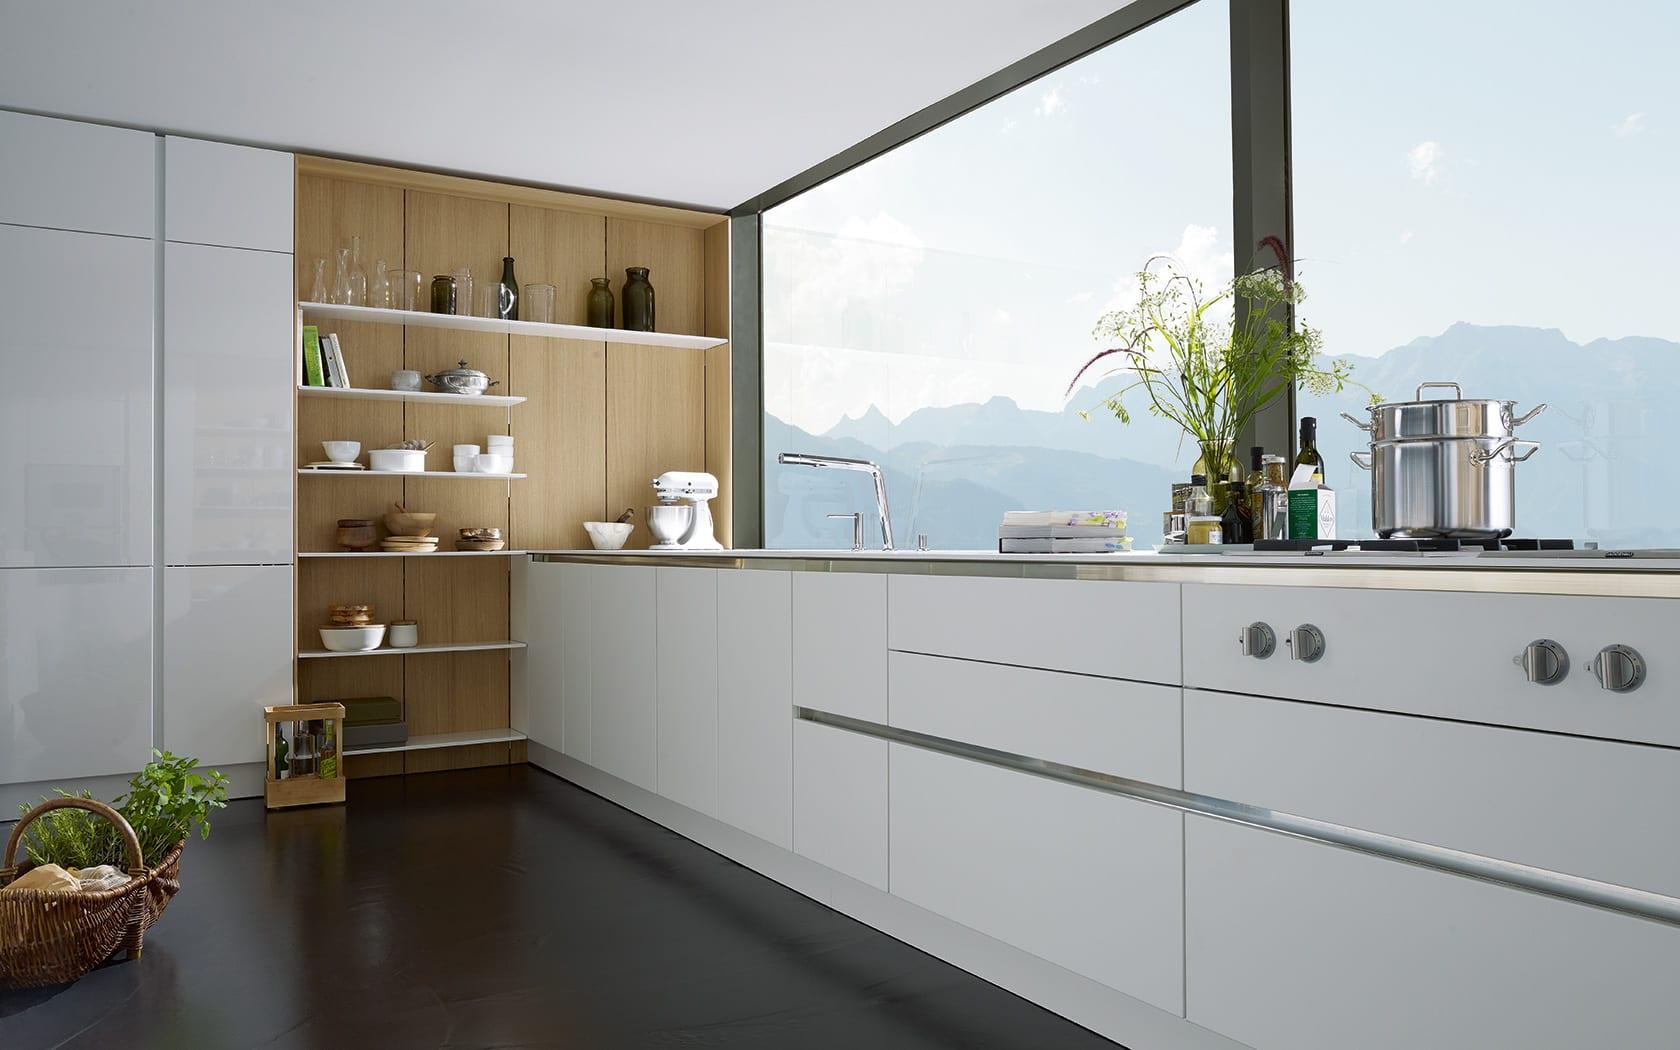 weiße küche mit offene Wandregalen und großformatigne Fenstern